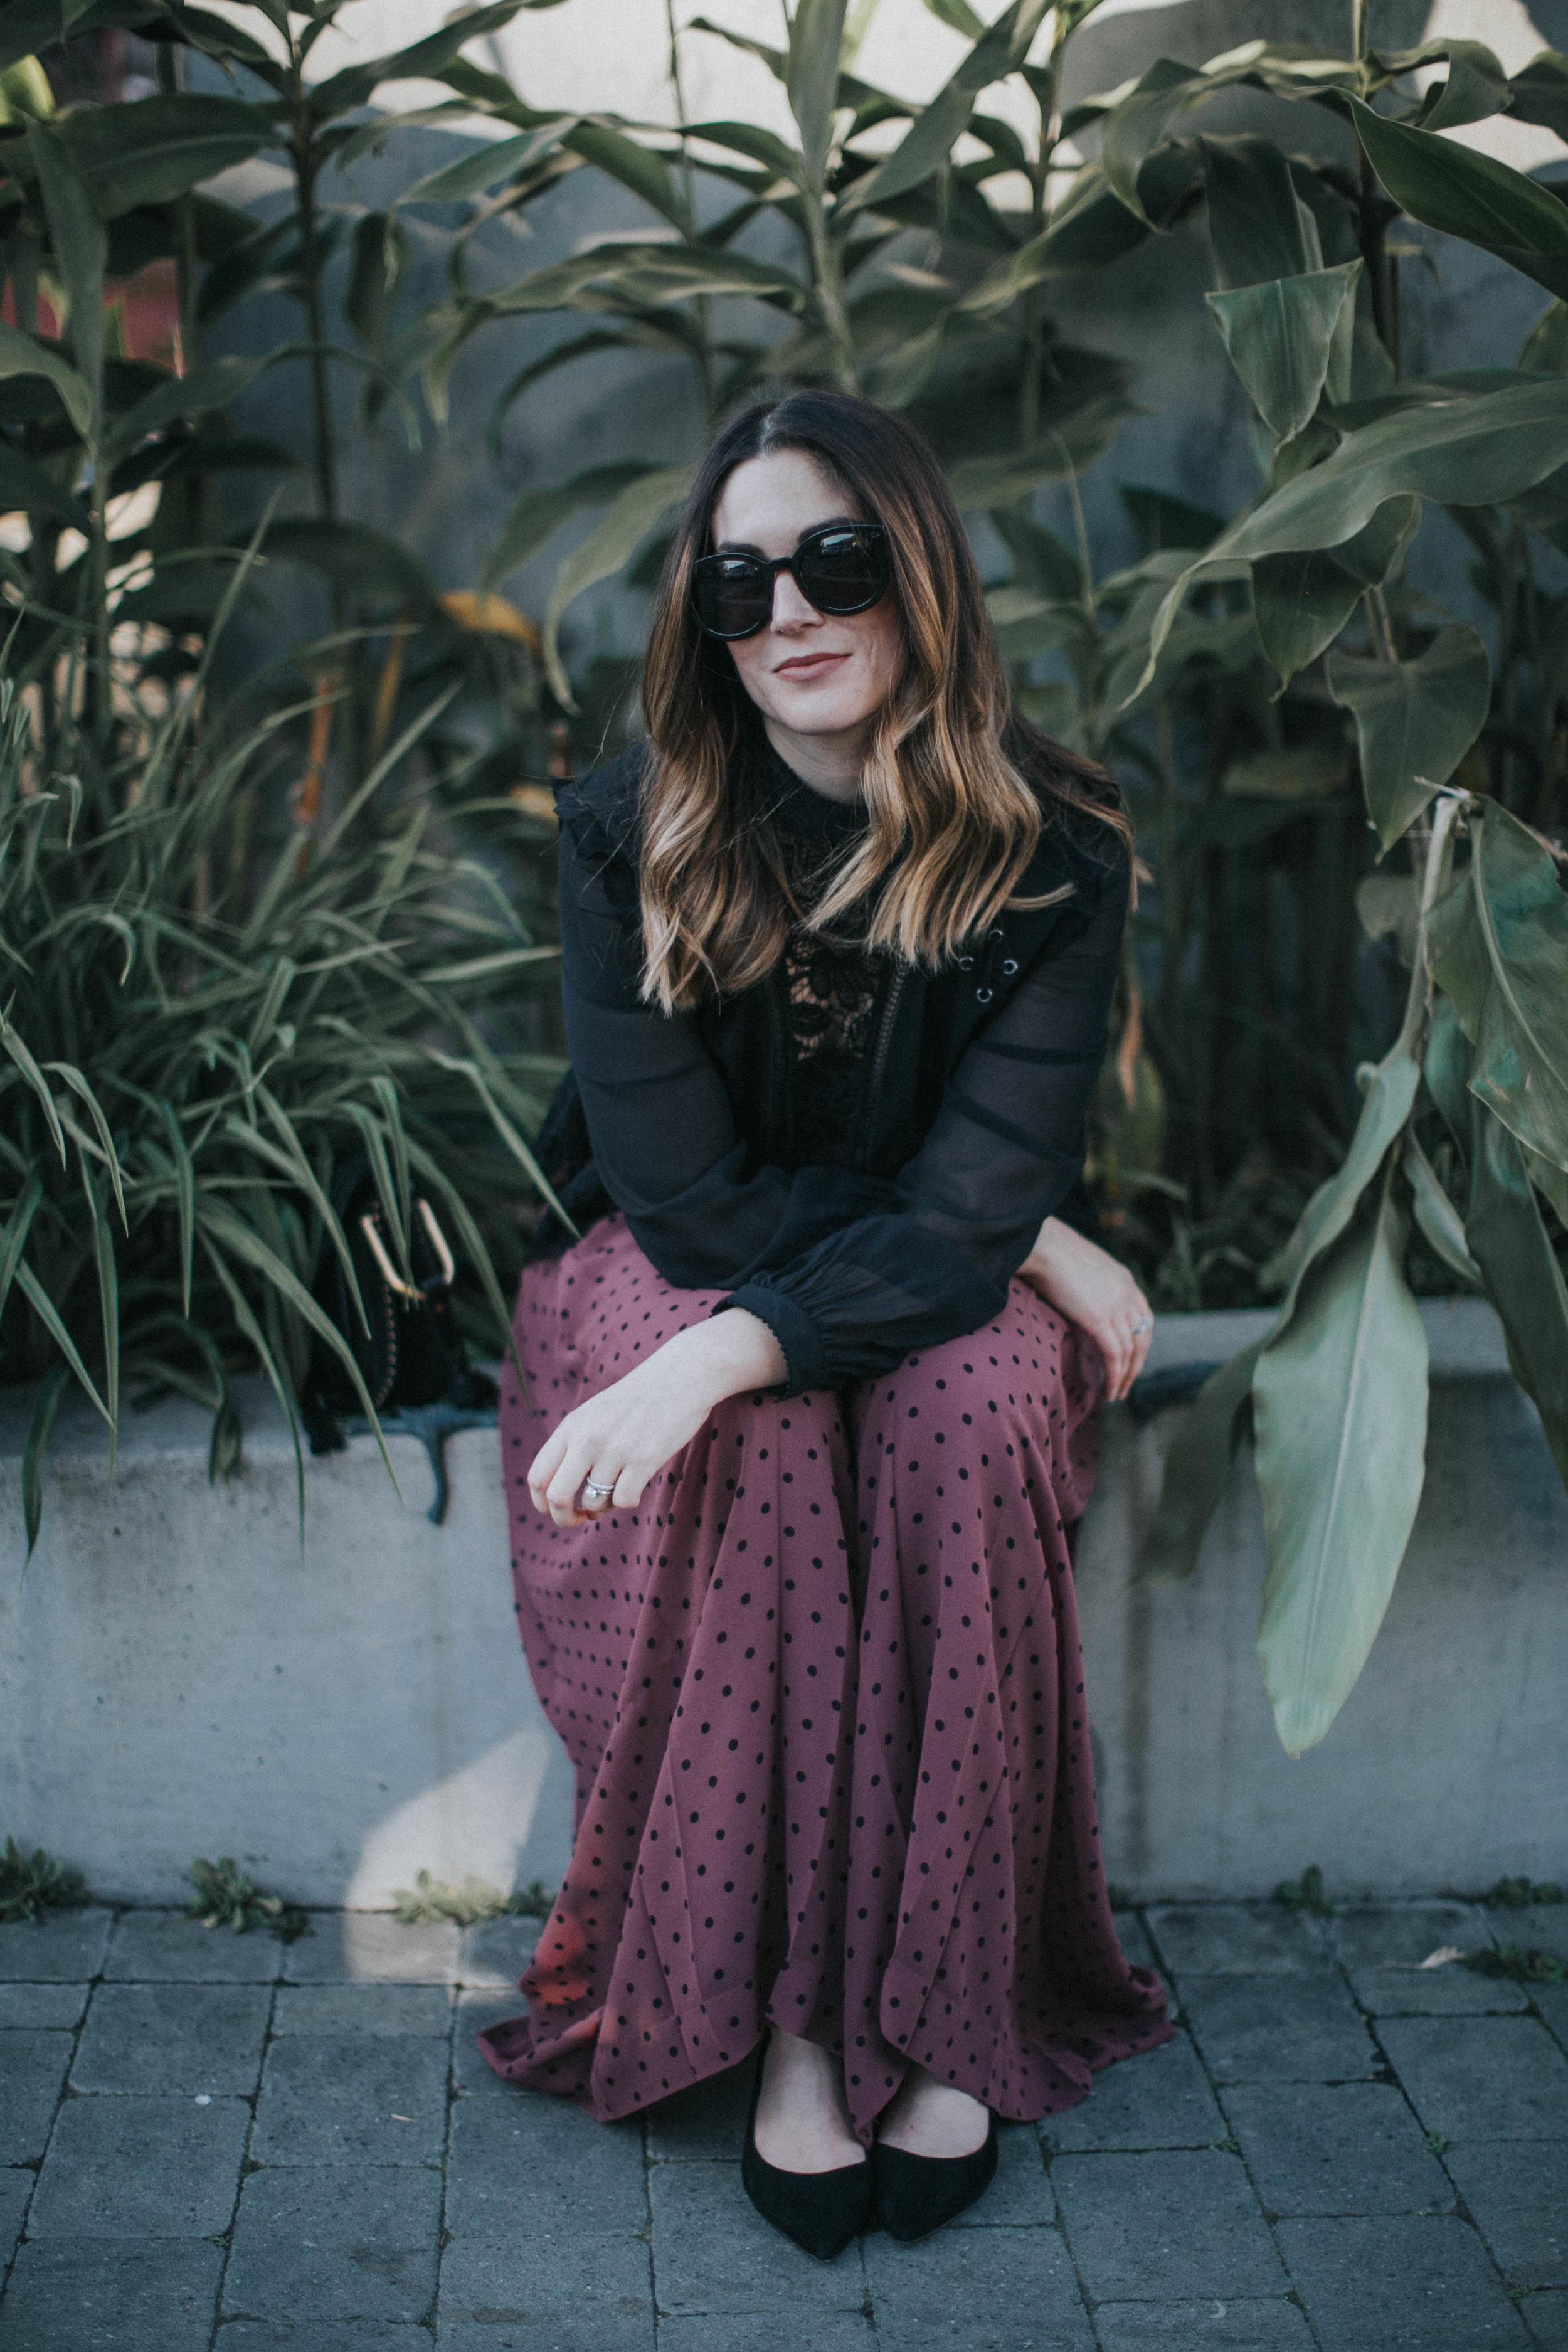 purse  Chloé  | blouse  Self Portrait Studio  | pants  Chloé  +  Farfetch  | sunglasses  Karen Walker